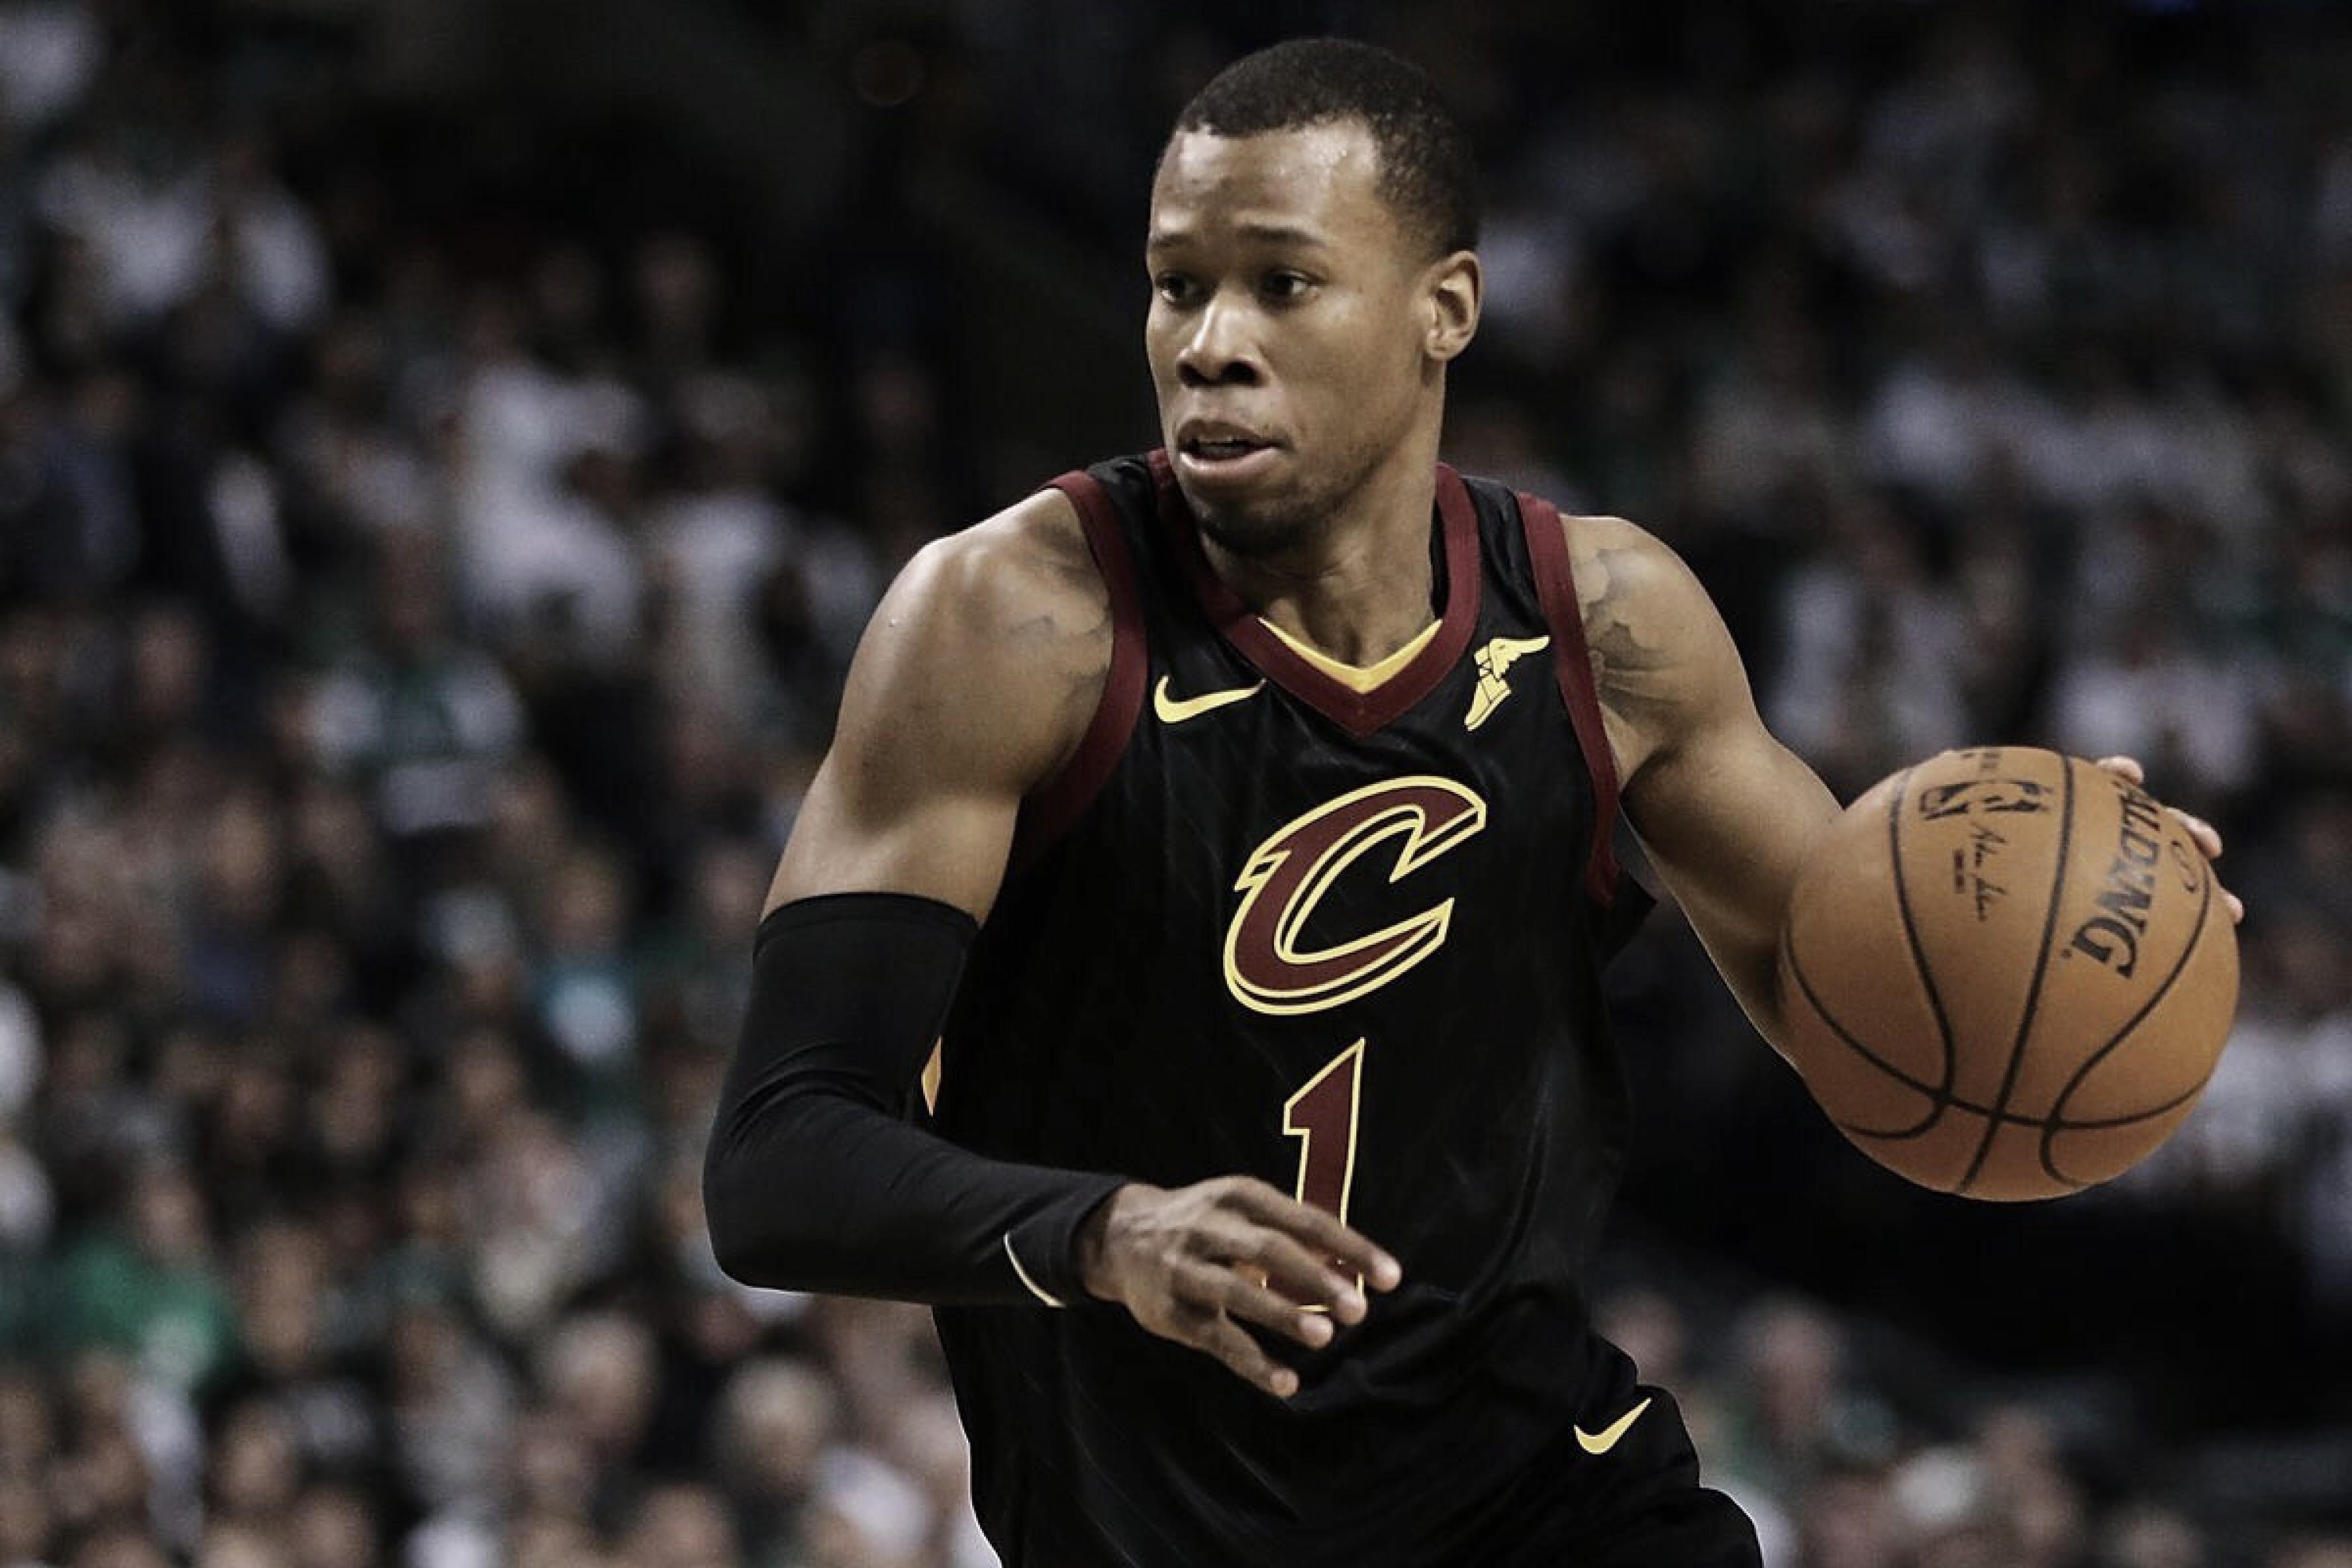 Hood permanecerá un año más con los Cavaliers